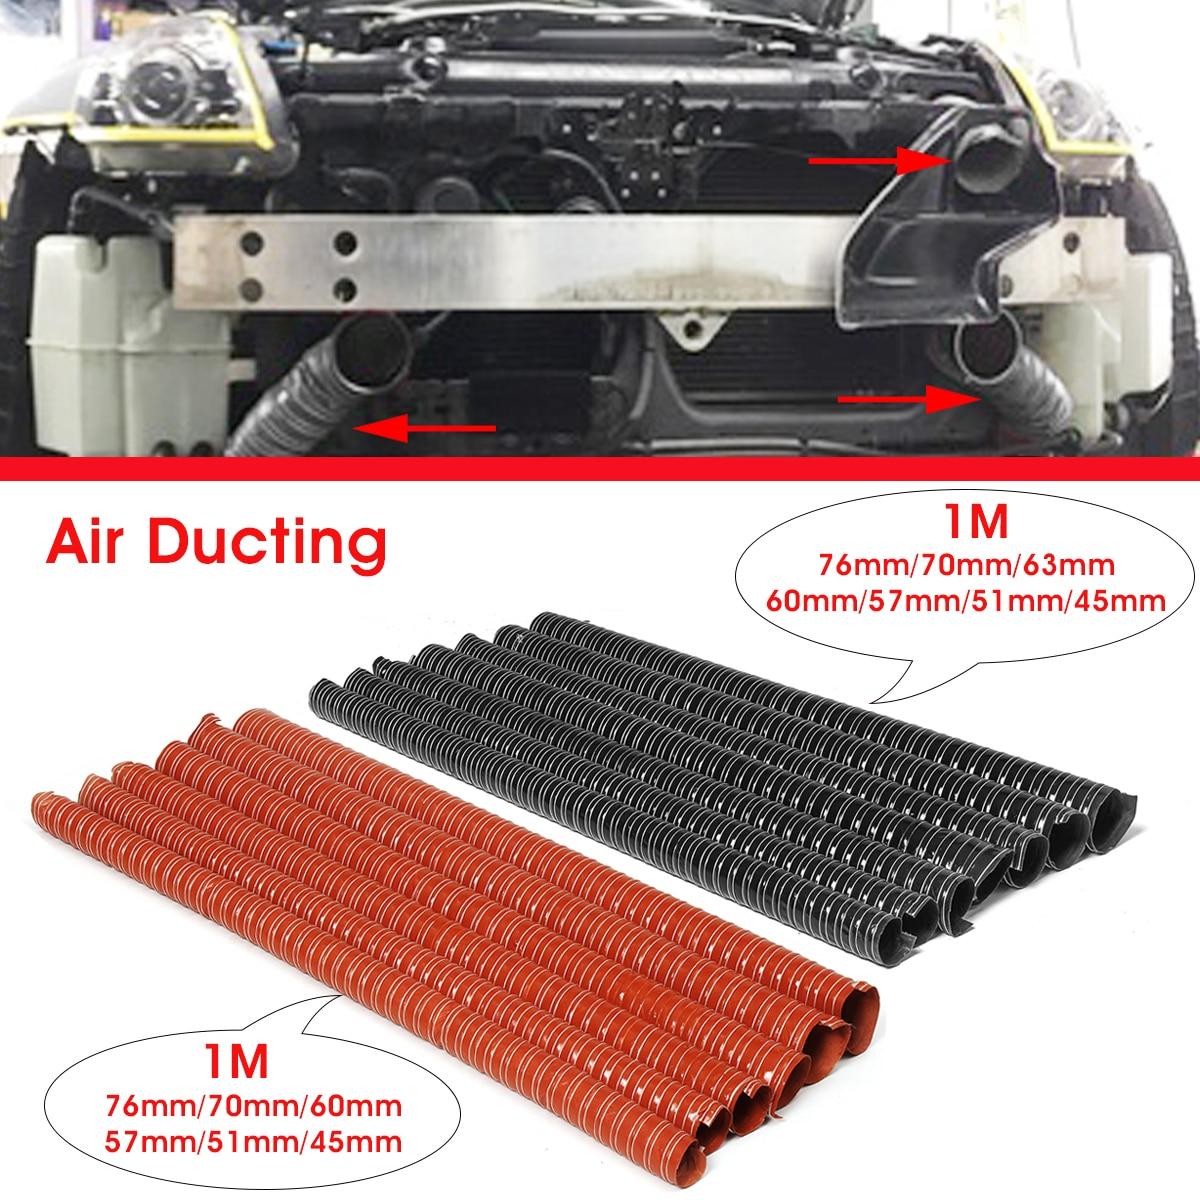 Araba Hood hava emme borusu 1m hava kanalı hortumu tüp 76/70/63/60/57/51 /45mm esnek filtre borusu evrensel